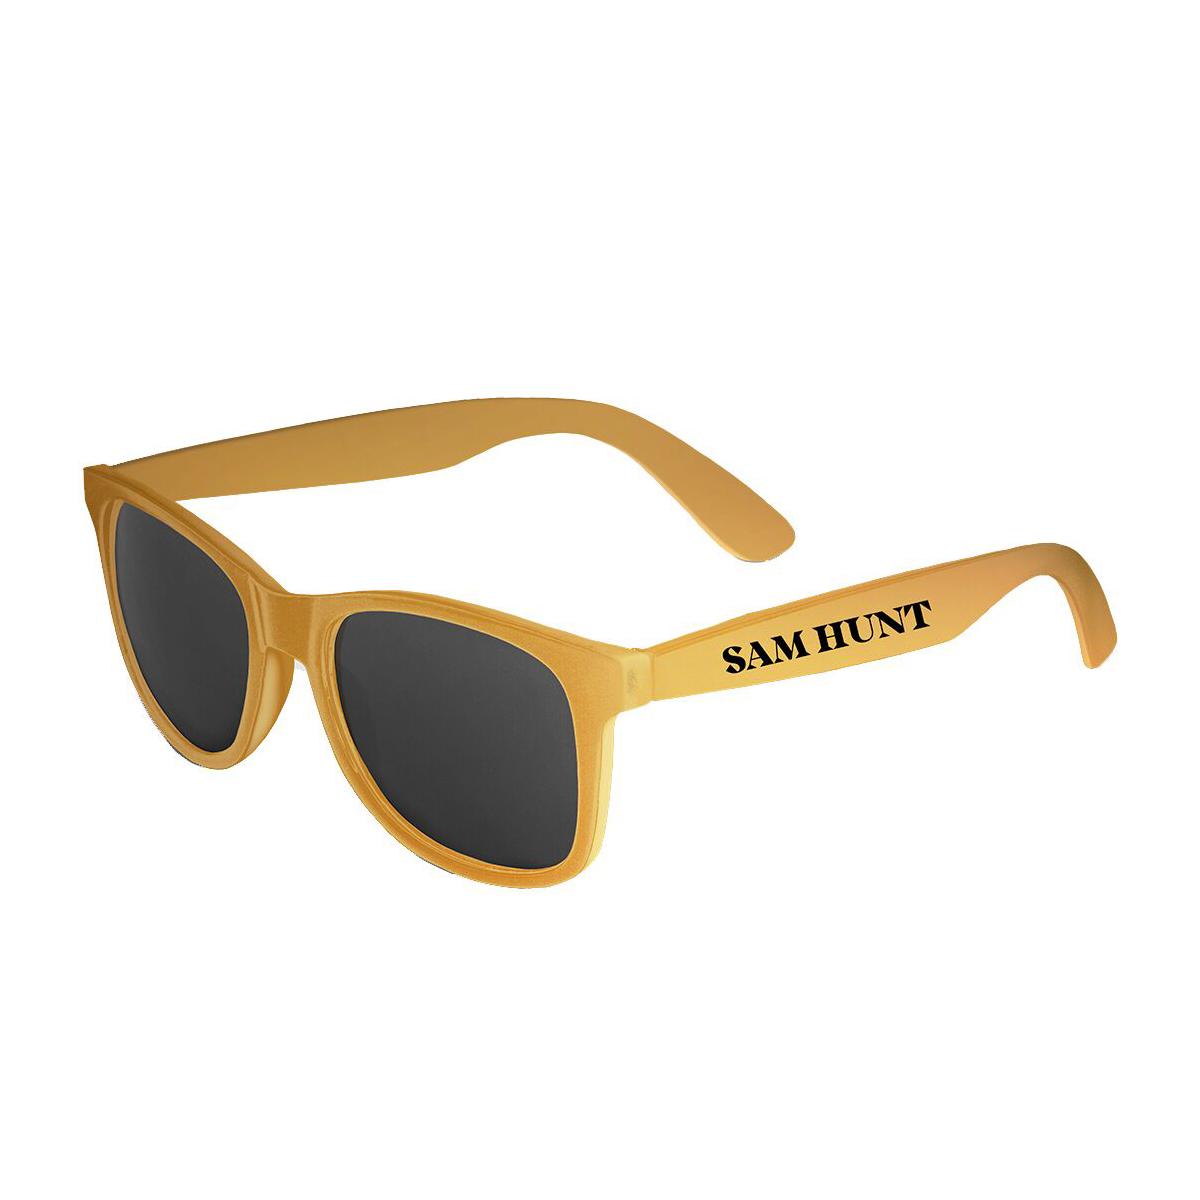 Sam Hunt Yellow Sunglasses